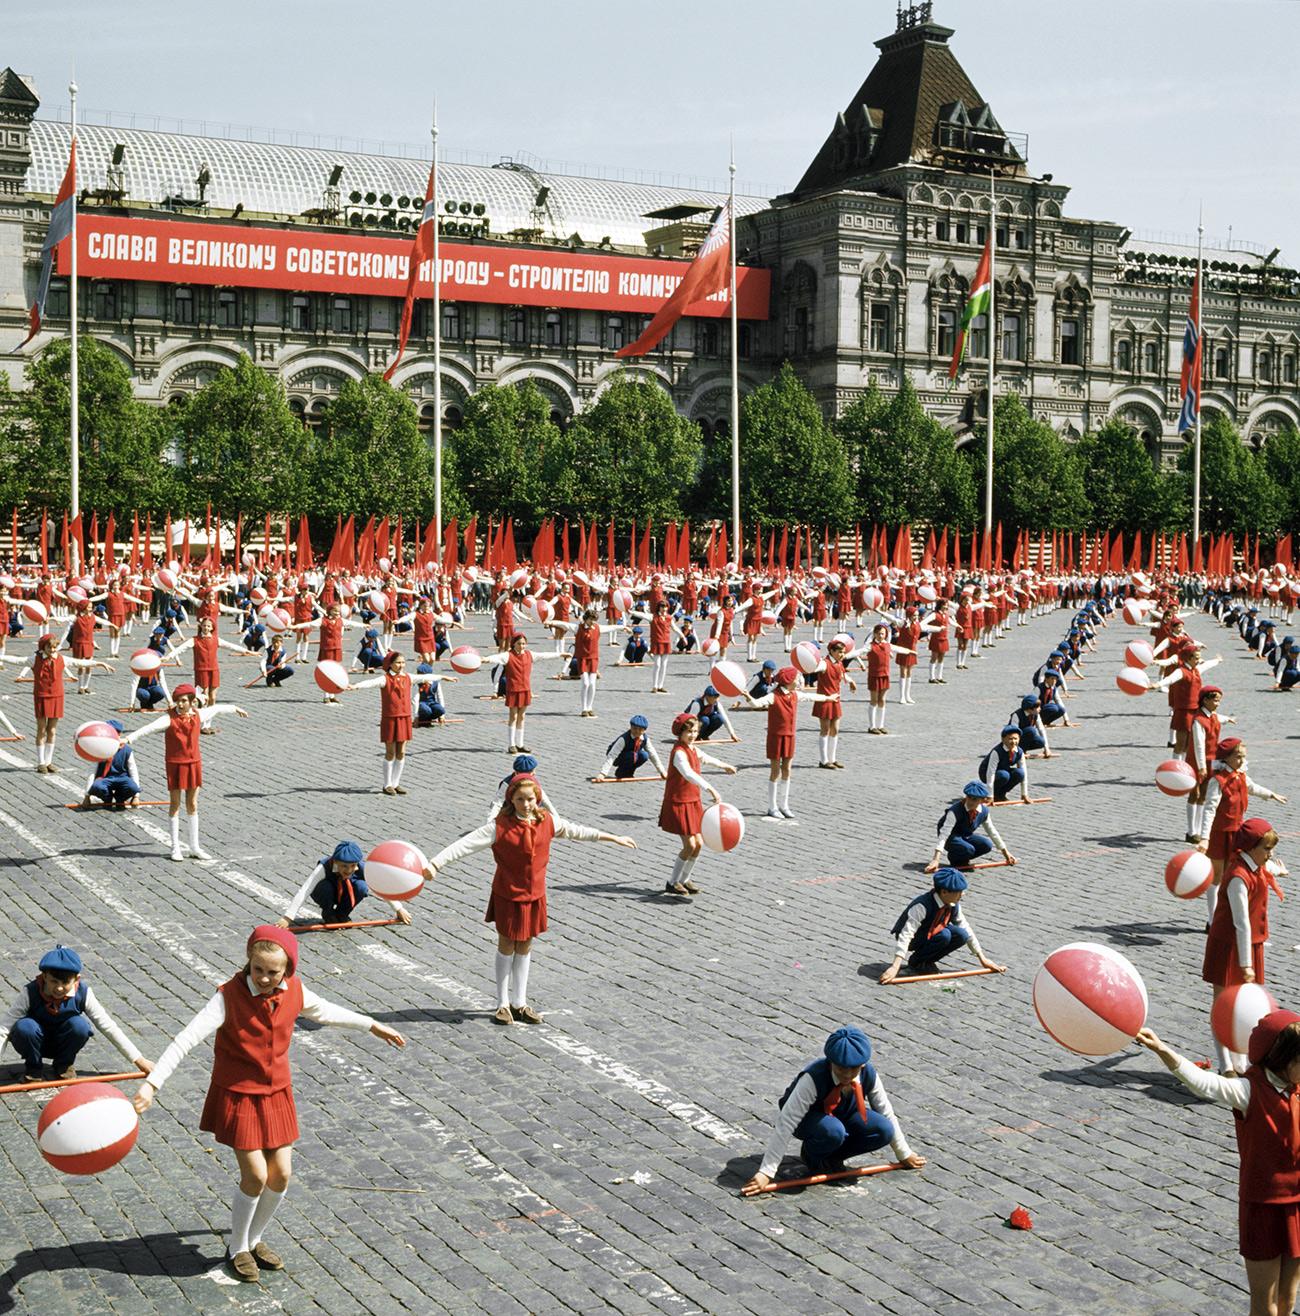 Desfile en la Plaza Roja para conmemorar la creación de la Organización de Pioneros. Moscú, el 1 de mayo de 1972. Fuente: TASS